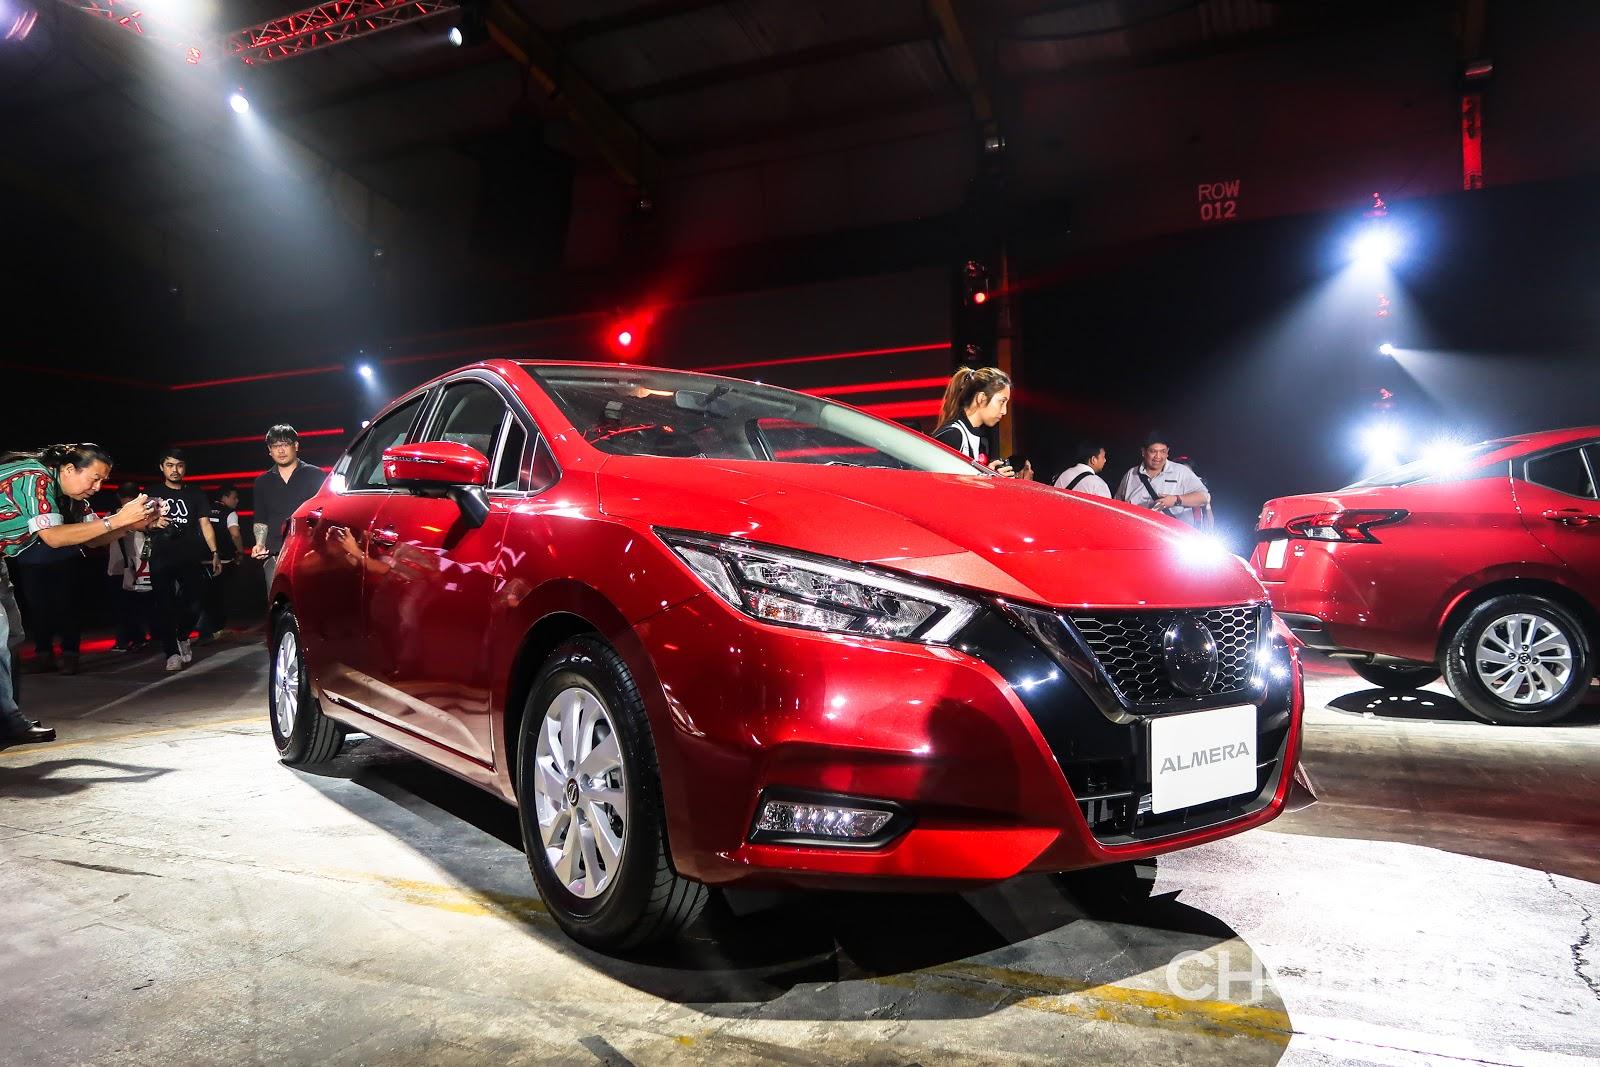 All New Nissan Almera ขึ้นแท่นรถน่าใช้ ปี 2020 ที่ได้รับความนิยมจากตลาดรถ